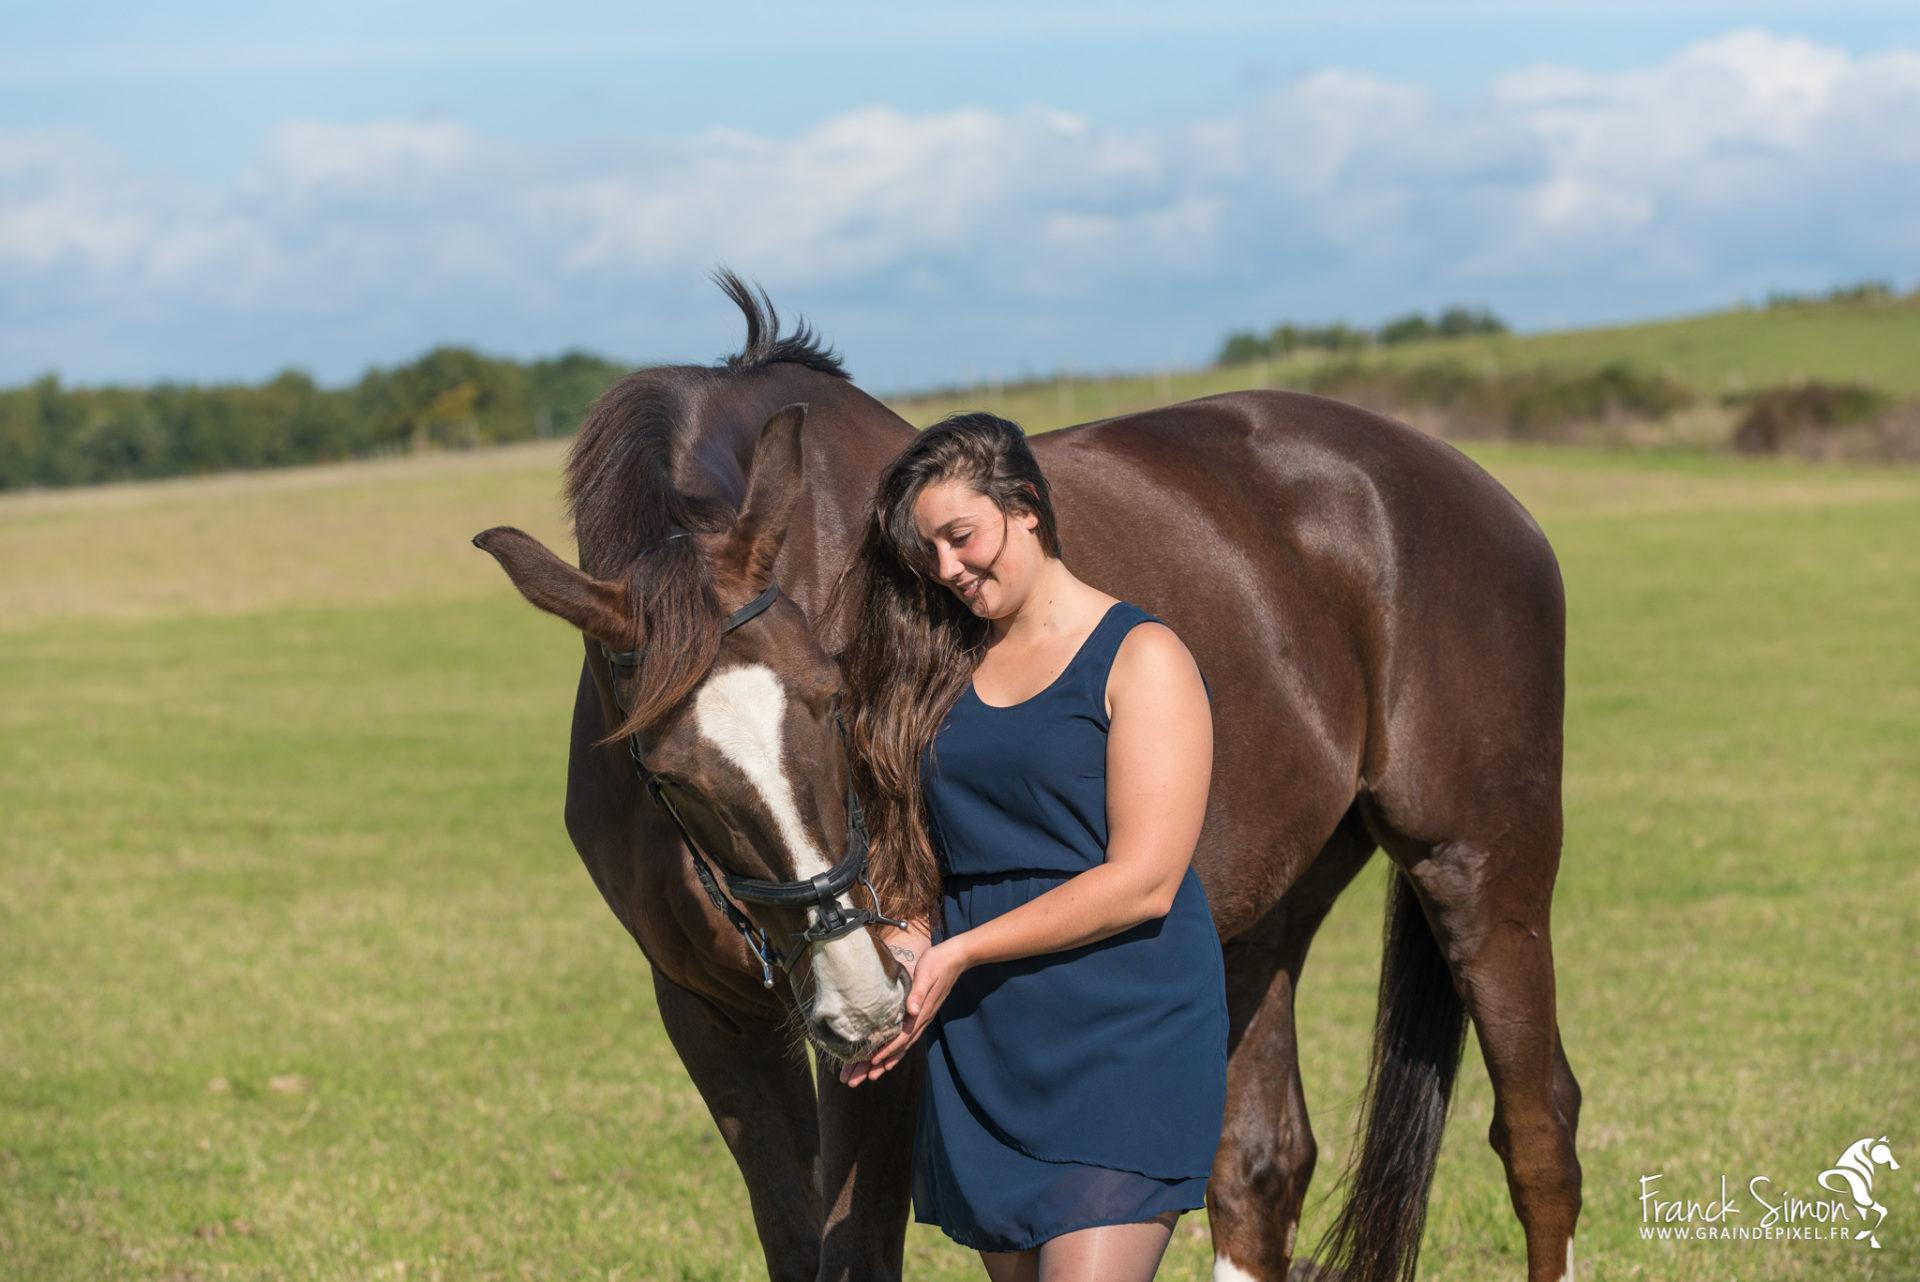 Estelle, séance photo cheval et cavalière